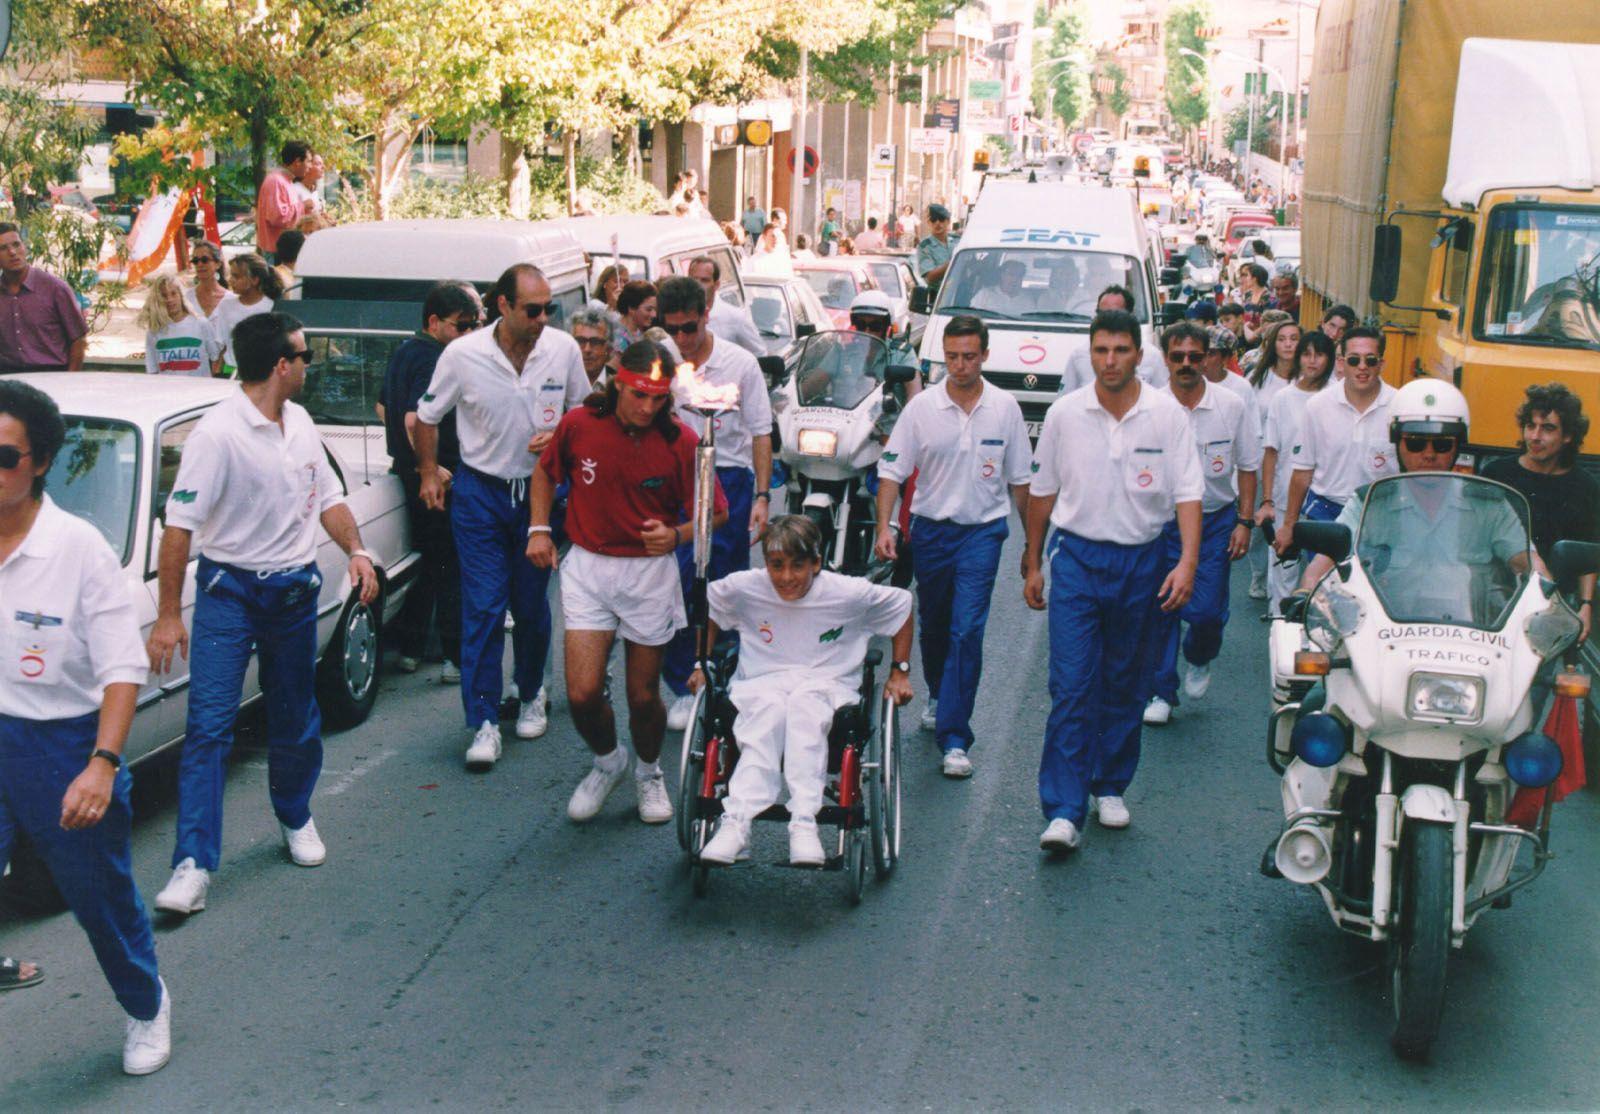 La torxa dels Jocs Paralímpics va recórrer els carrers de Sant Cugat. La fotografia es correspon al carrer de Francesc Moragas FOTO: Cedida